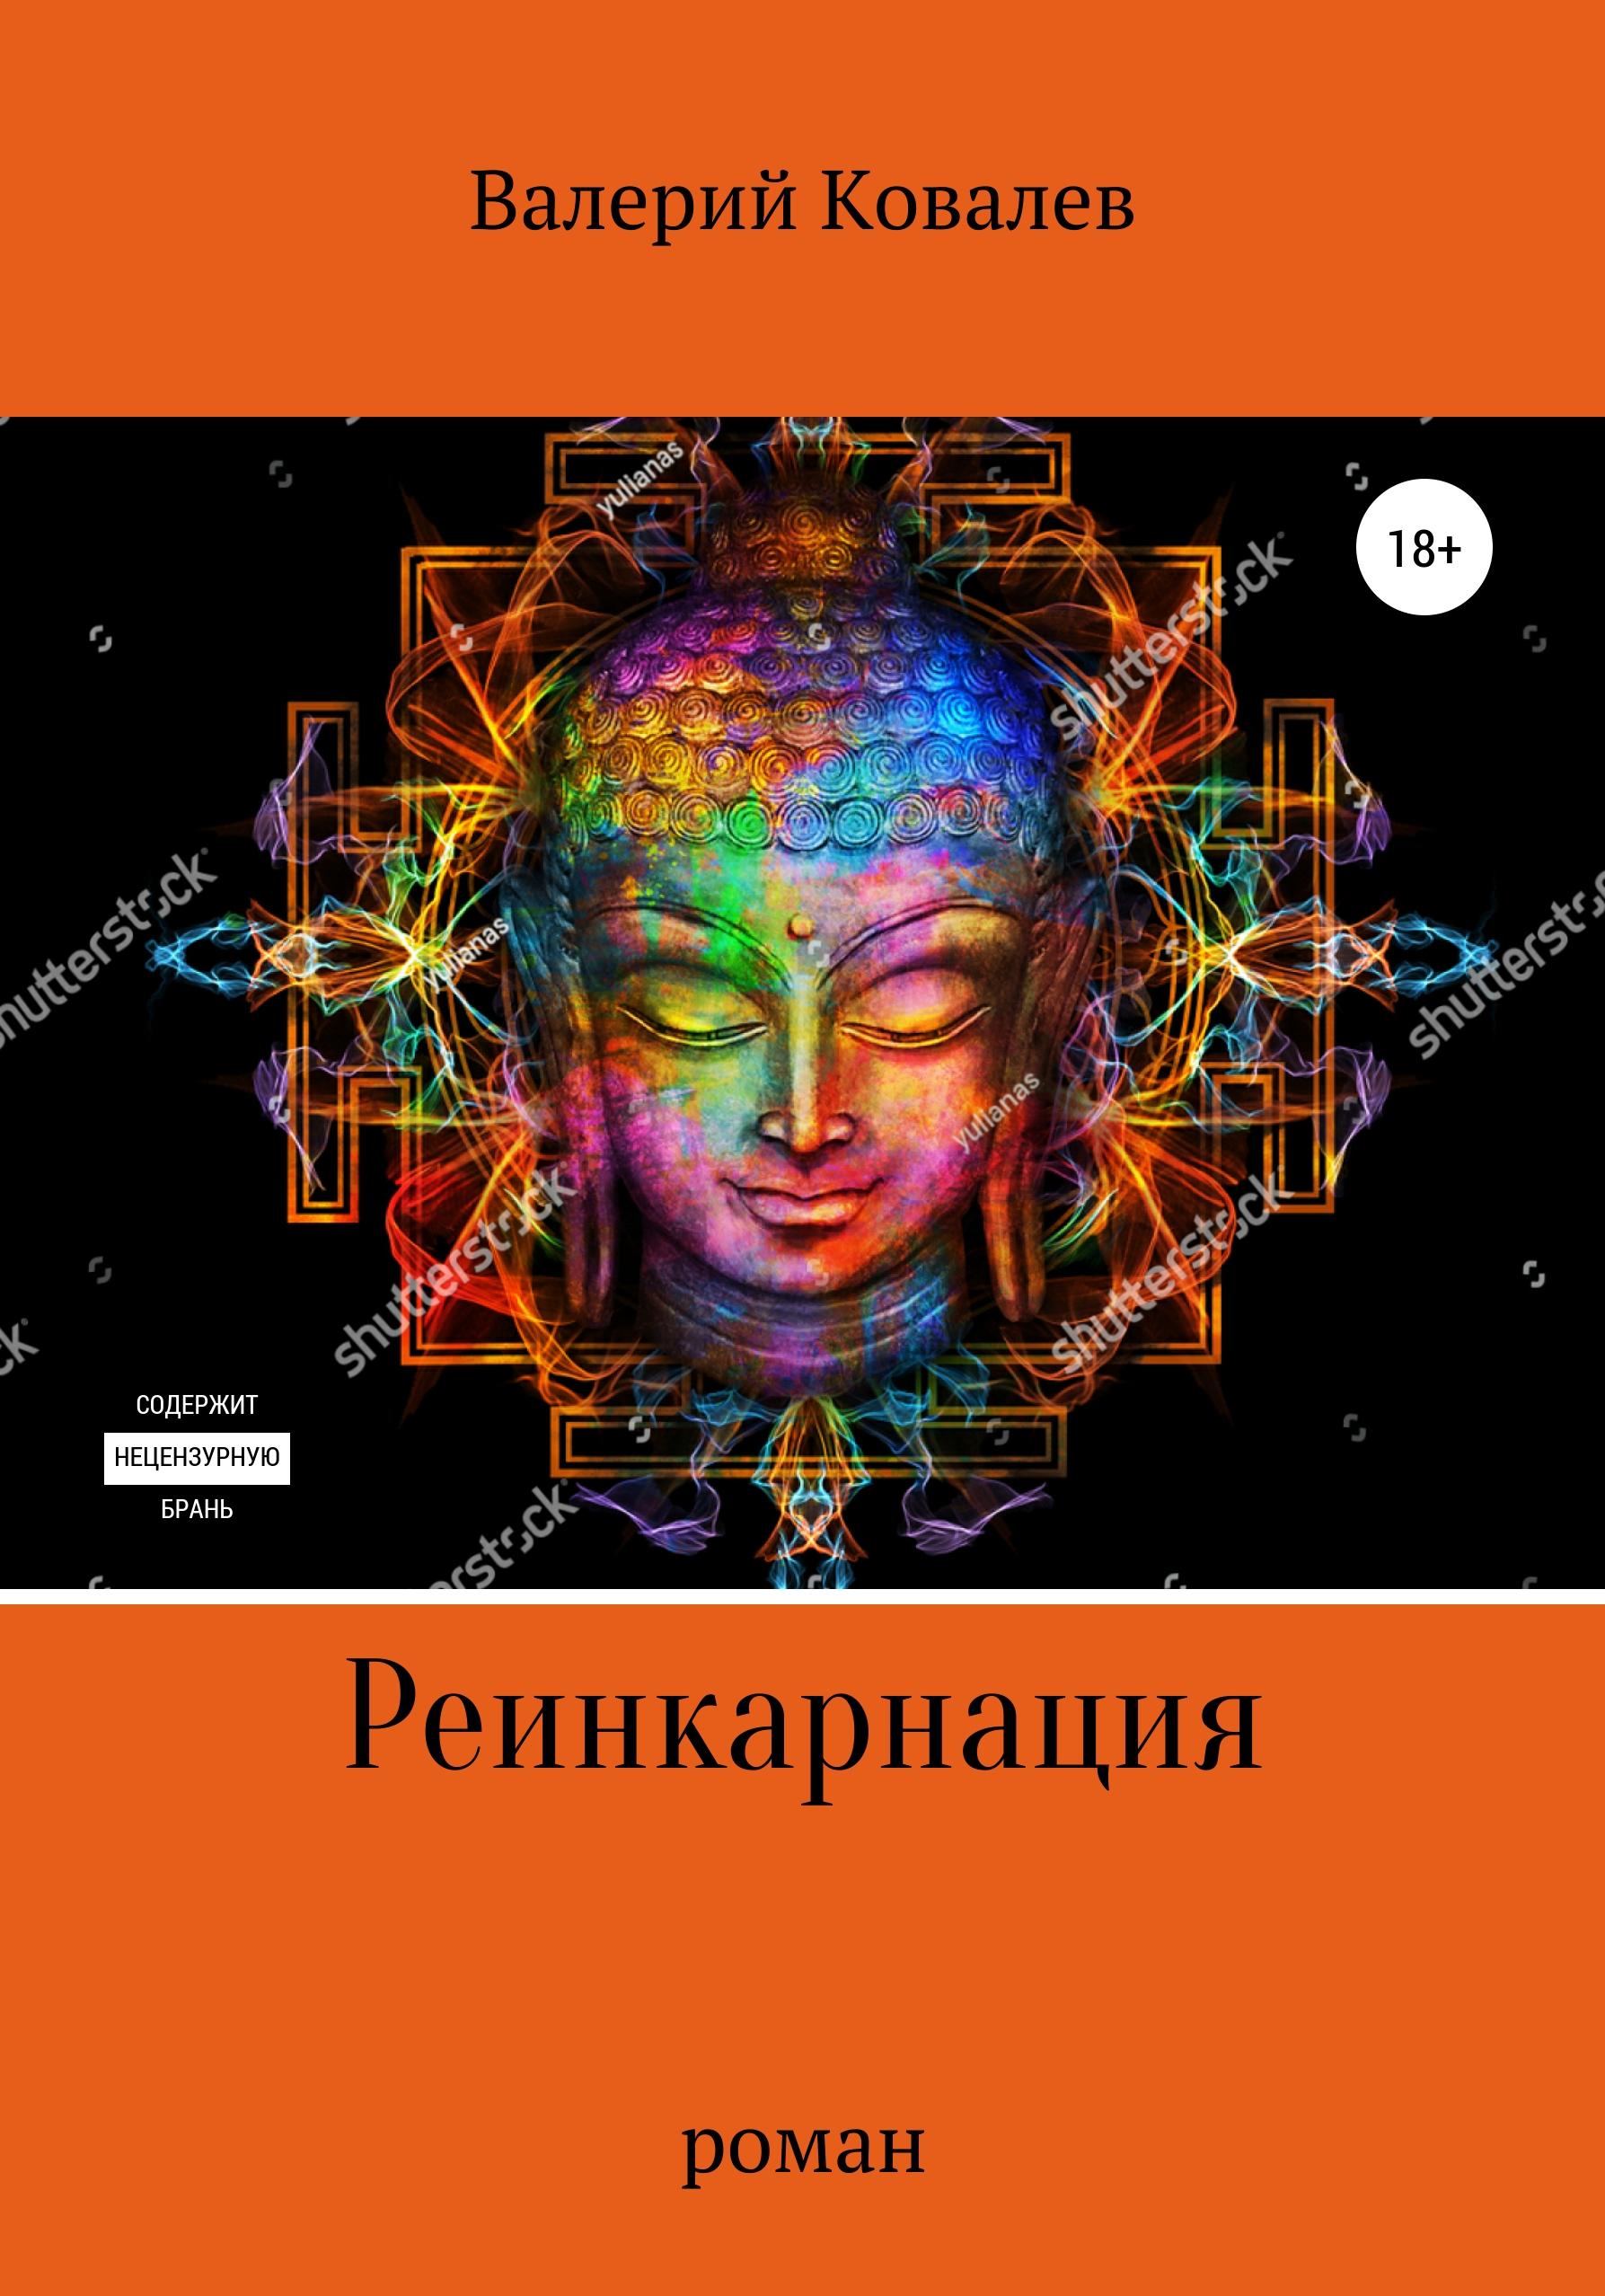 Купить книгу Реинкарнация. Роман, автора Валерия Николаевича Ковалева